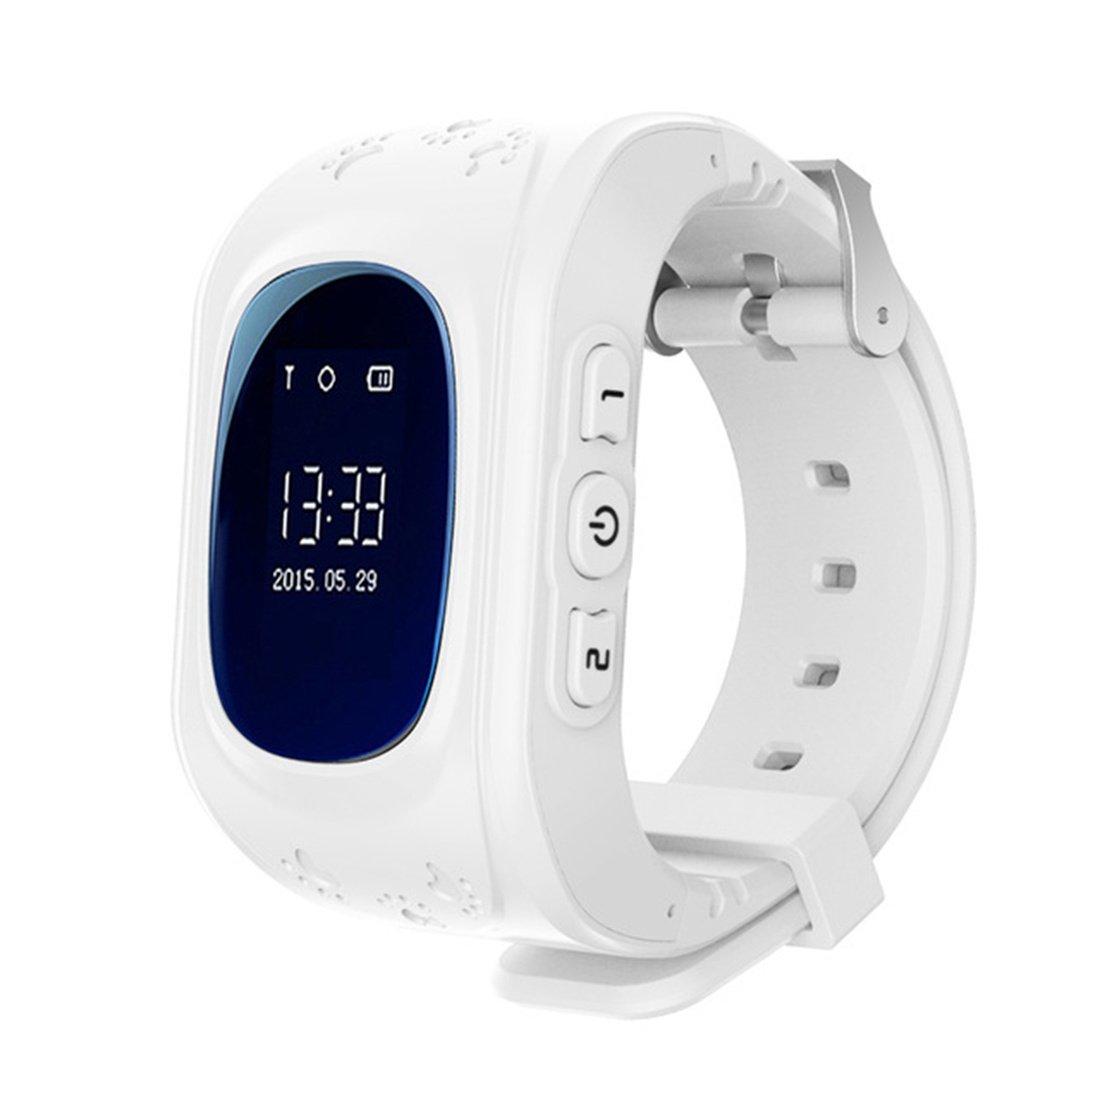 PINCHU Q50 Oled pantalla GPS LBS reloj rastreador Anti-Perdida SOS Soporte tarjeta SIM Dial Llame a bebšŠ reloj inteligente para ni?os reloj telšŠfono, ...